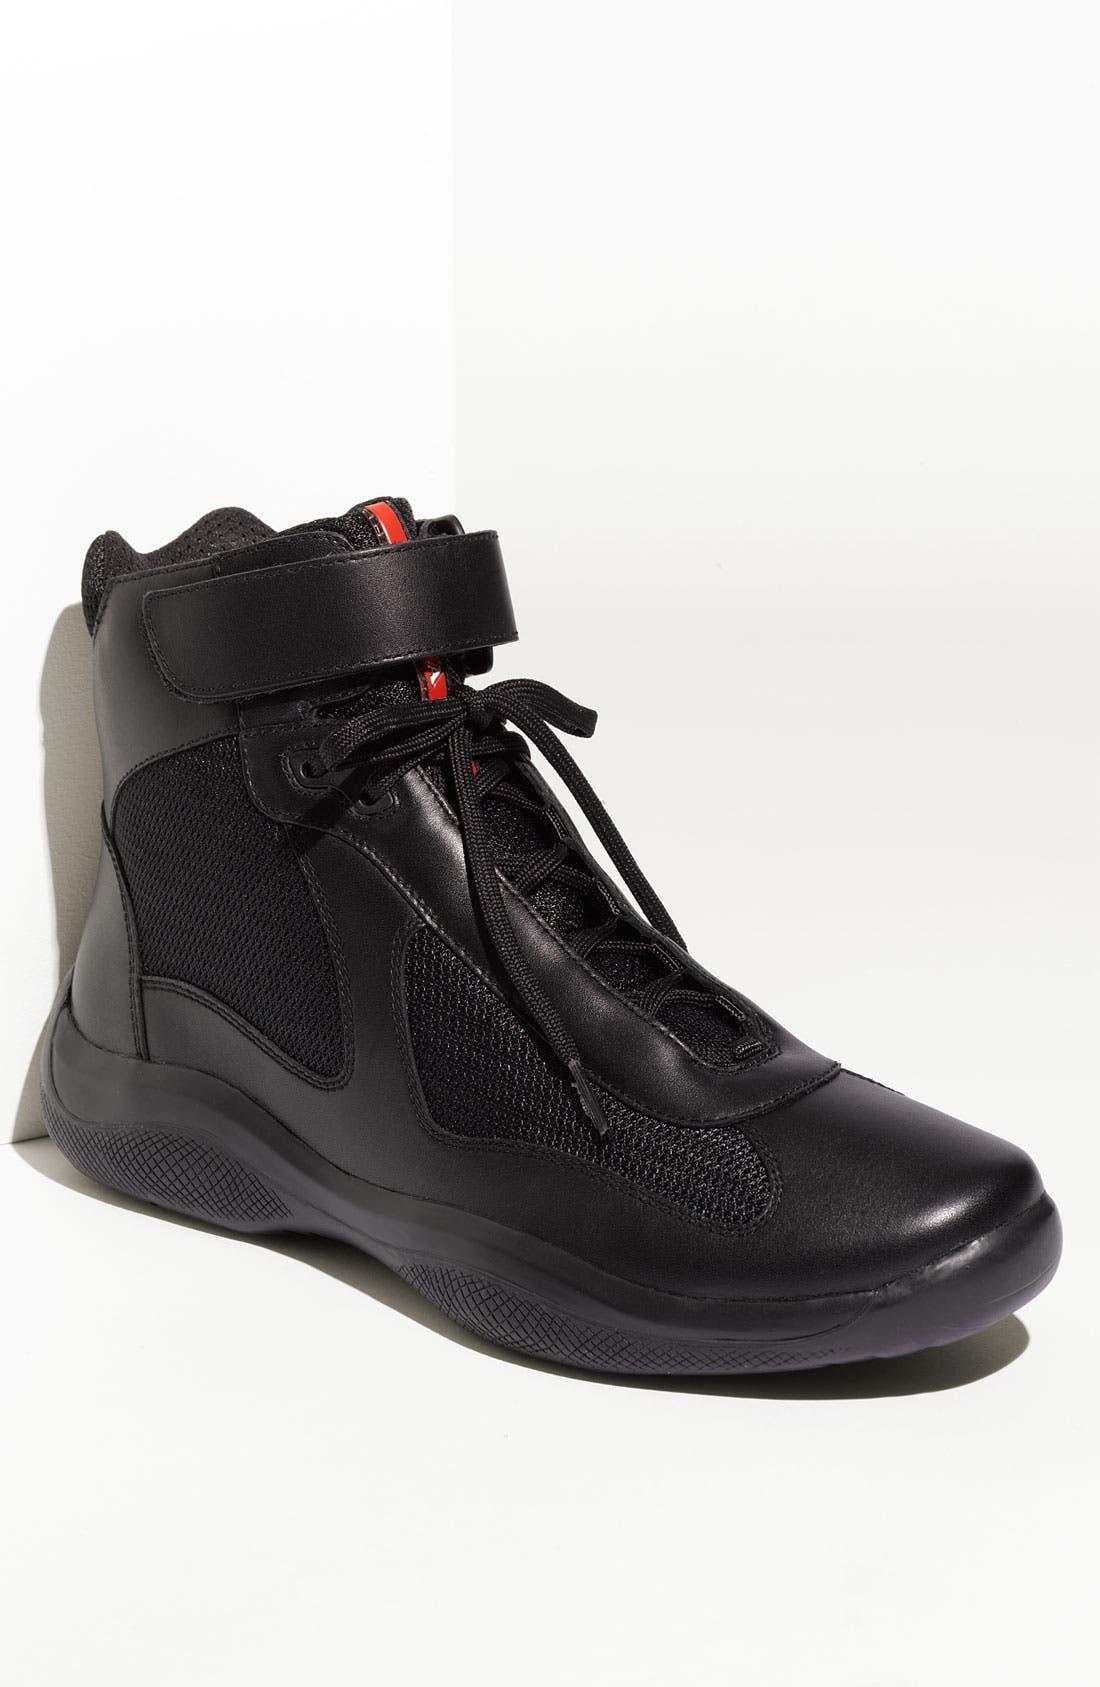 Main Image - Prada 'America's Cup' High Top Sneaker (Men)